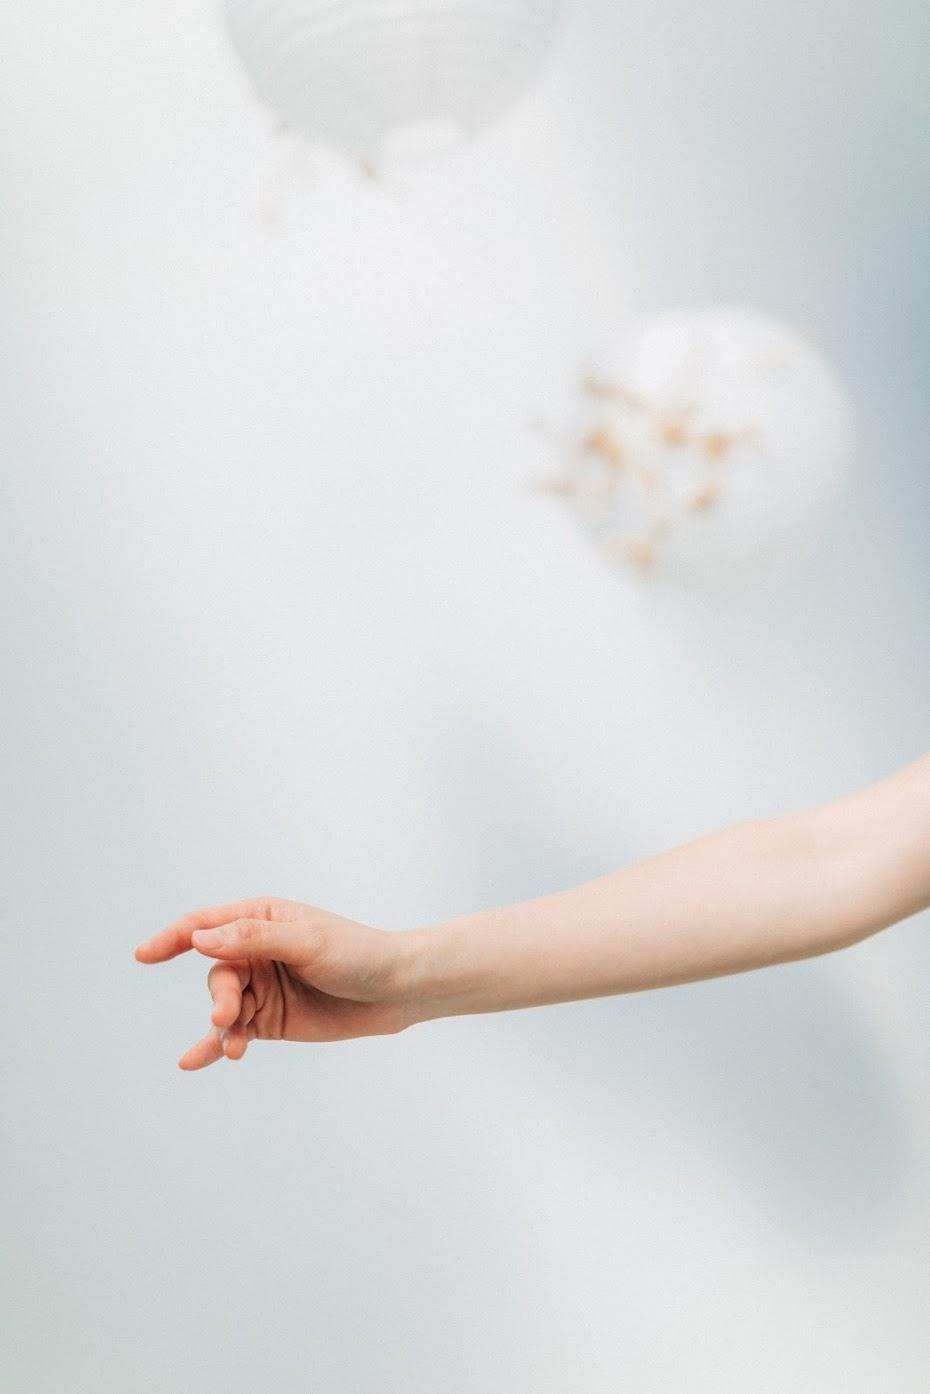 中式婚紗,春節團圓,Chinese new year,美式婚紗,Amazing Grace攝影美學